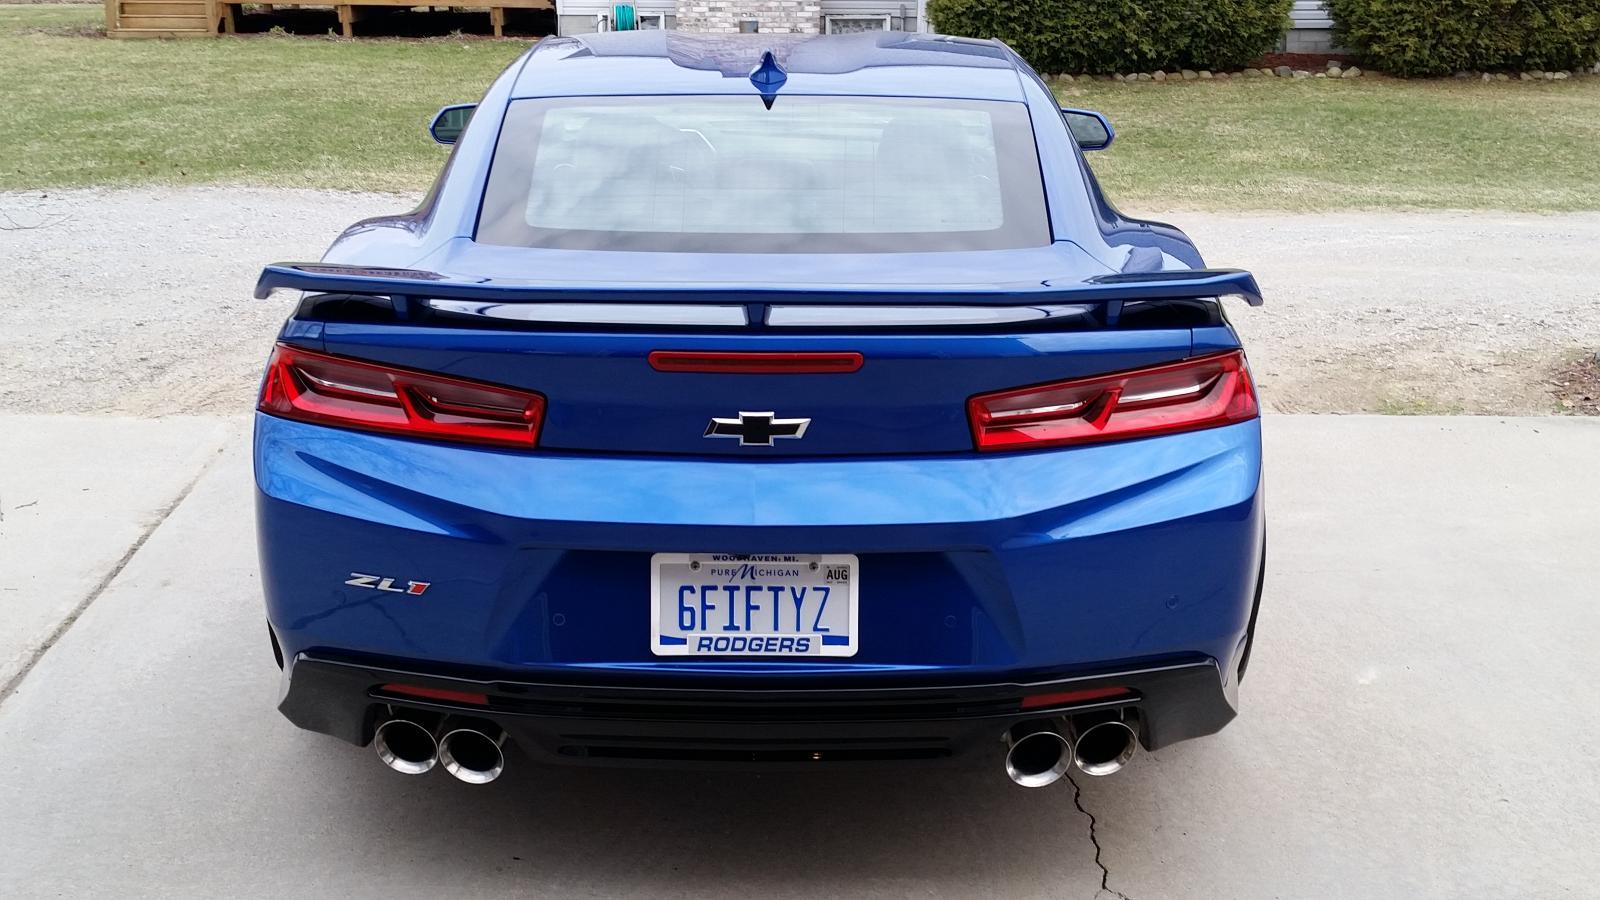 Zl1 Zl1 1le Personalized License Plates Camaro6